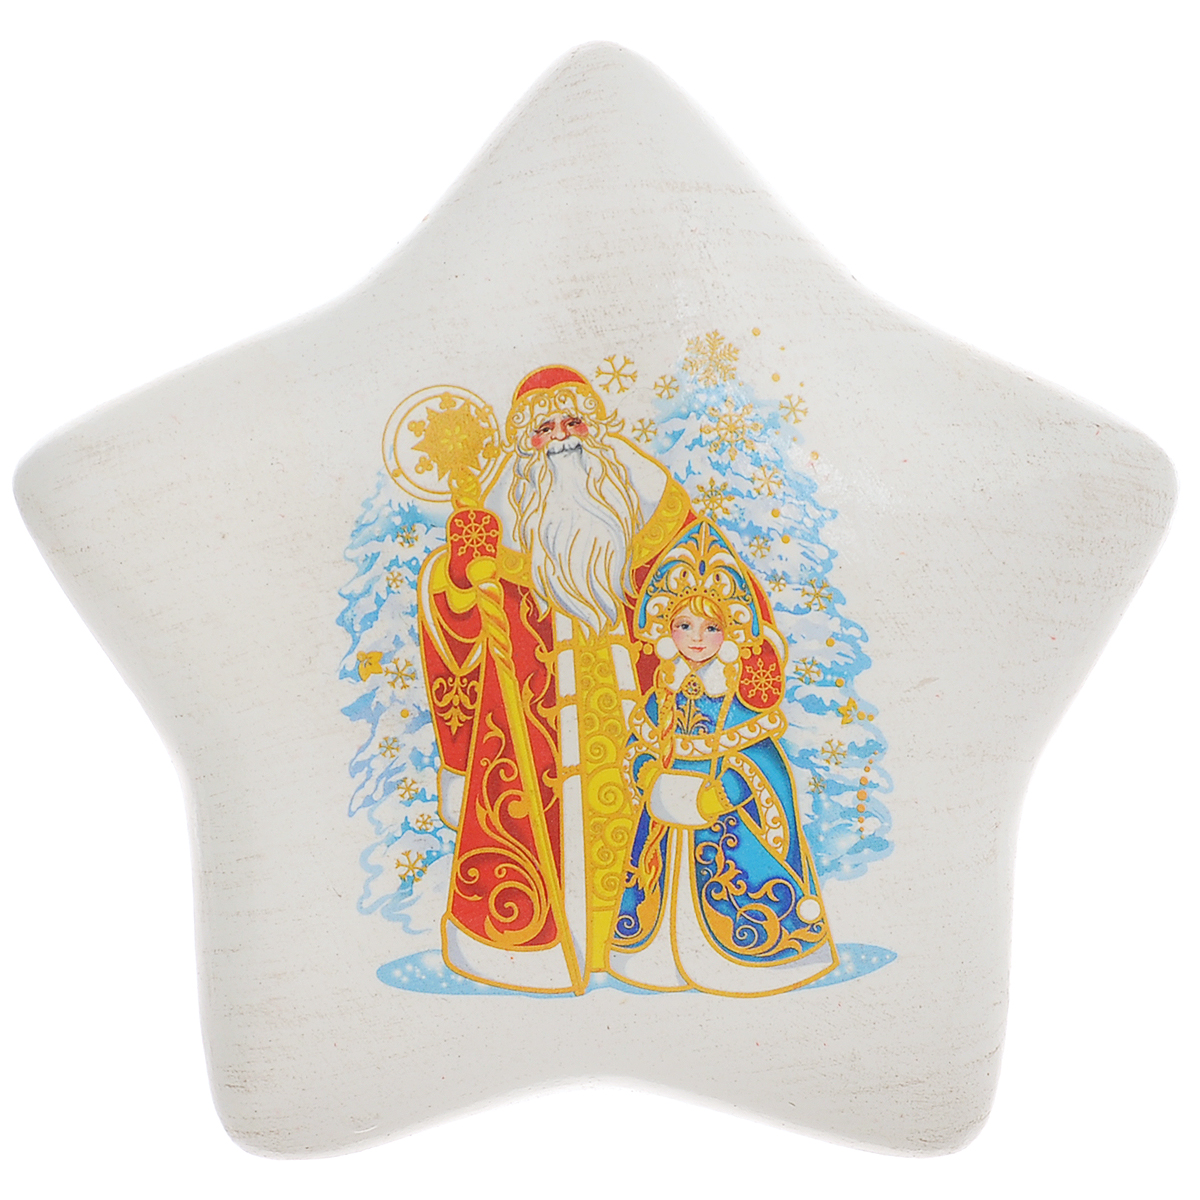 Украшение декоративное Новогодняя звезда. 2606826068Декоративное украшение Новогодняя звезда поможет украсить дом к праздникам. Фигурка выполнена из керамики в форме звезды и оформлена изображением деда Мороза и Снегурочки. Вы можете поставить украшение в любом месте, где оно будет удачно смотреться, и радовать глаз. Так же фигурку можно повесить на стену с помощью специального отверстия.Такое украшение станет великолепным новогодним сувениром.